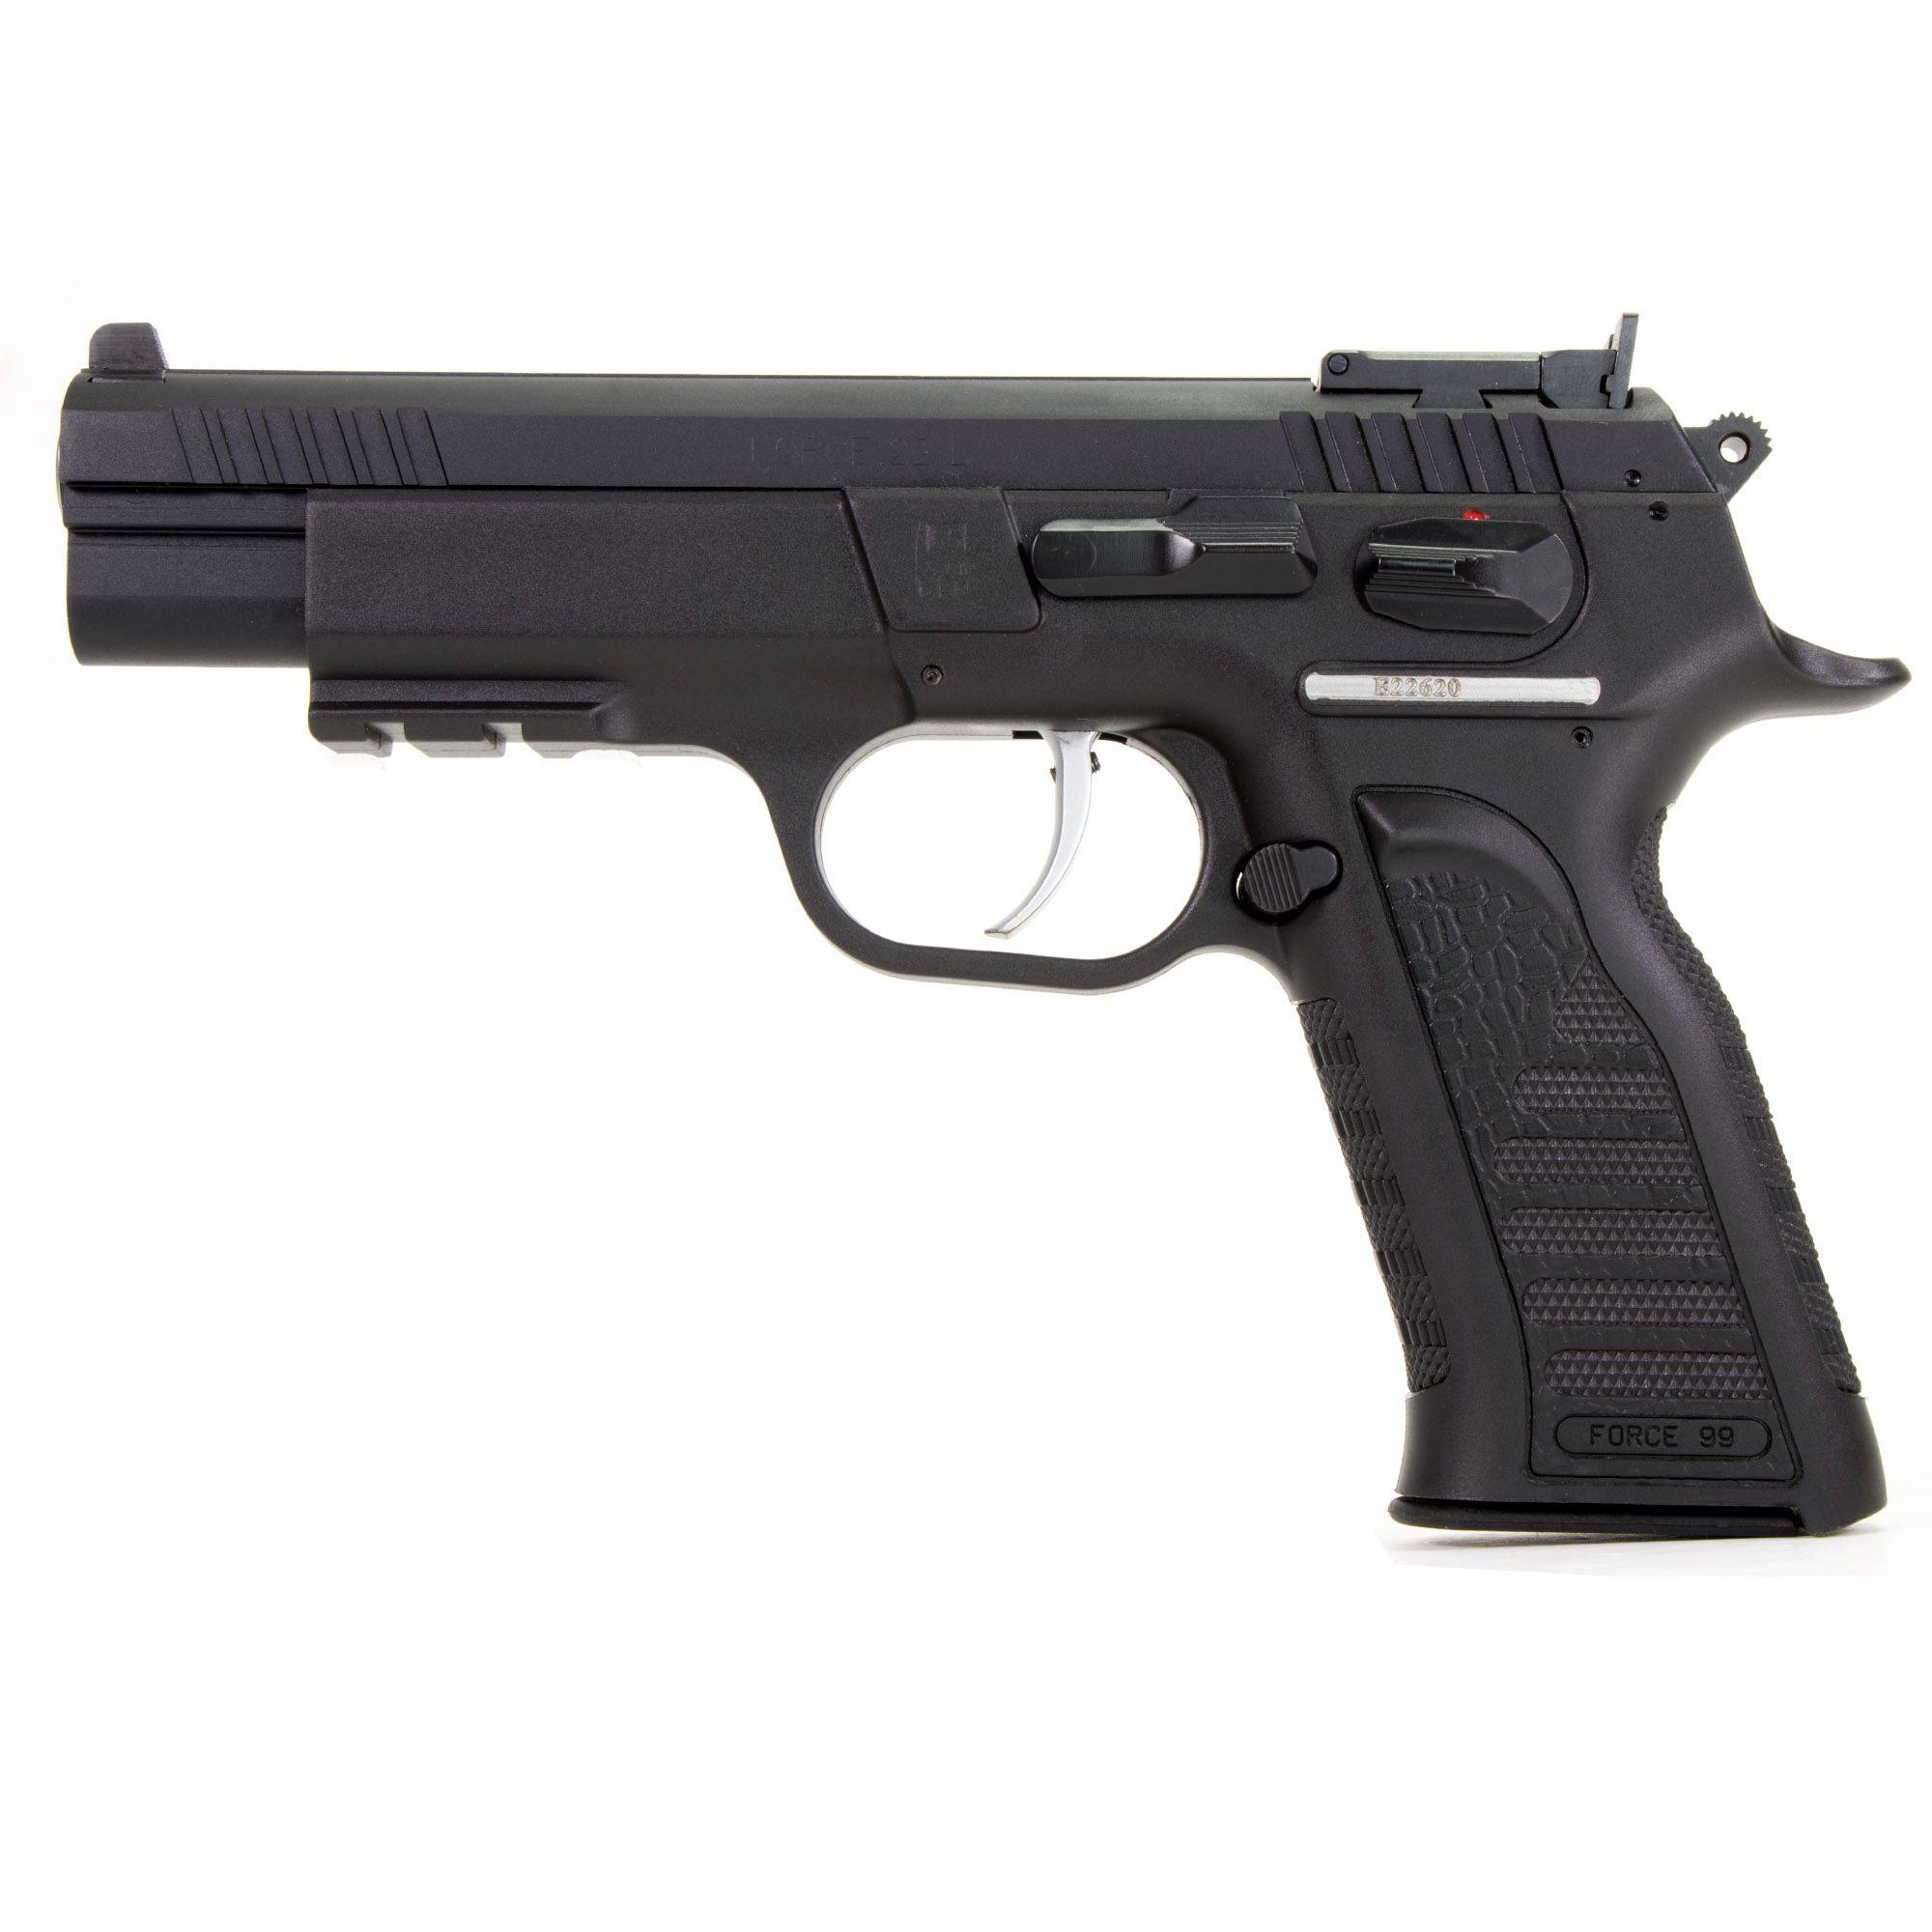 Pistola Tanfoglio Force 22L Calibre 22LR